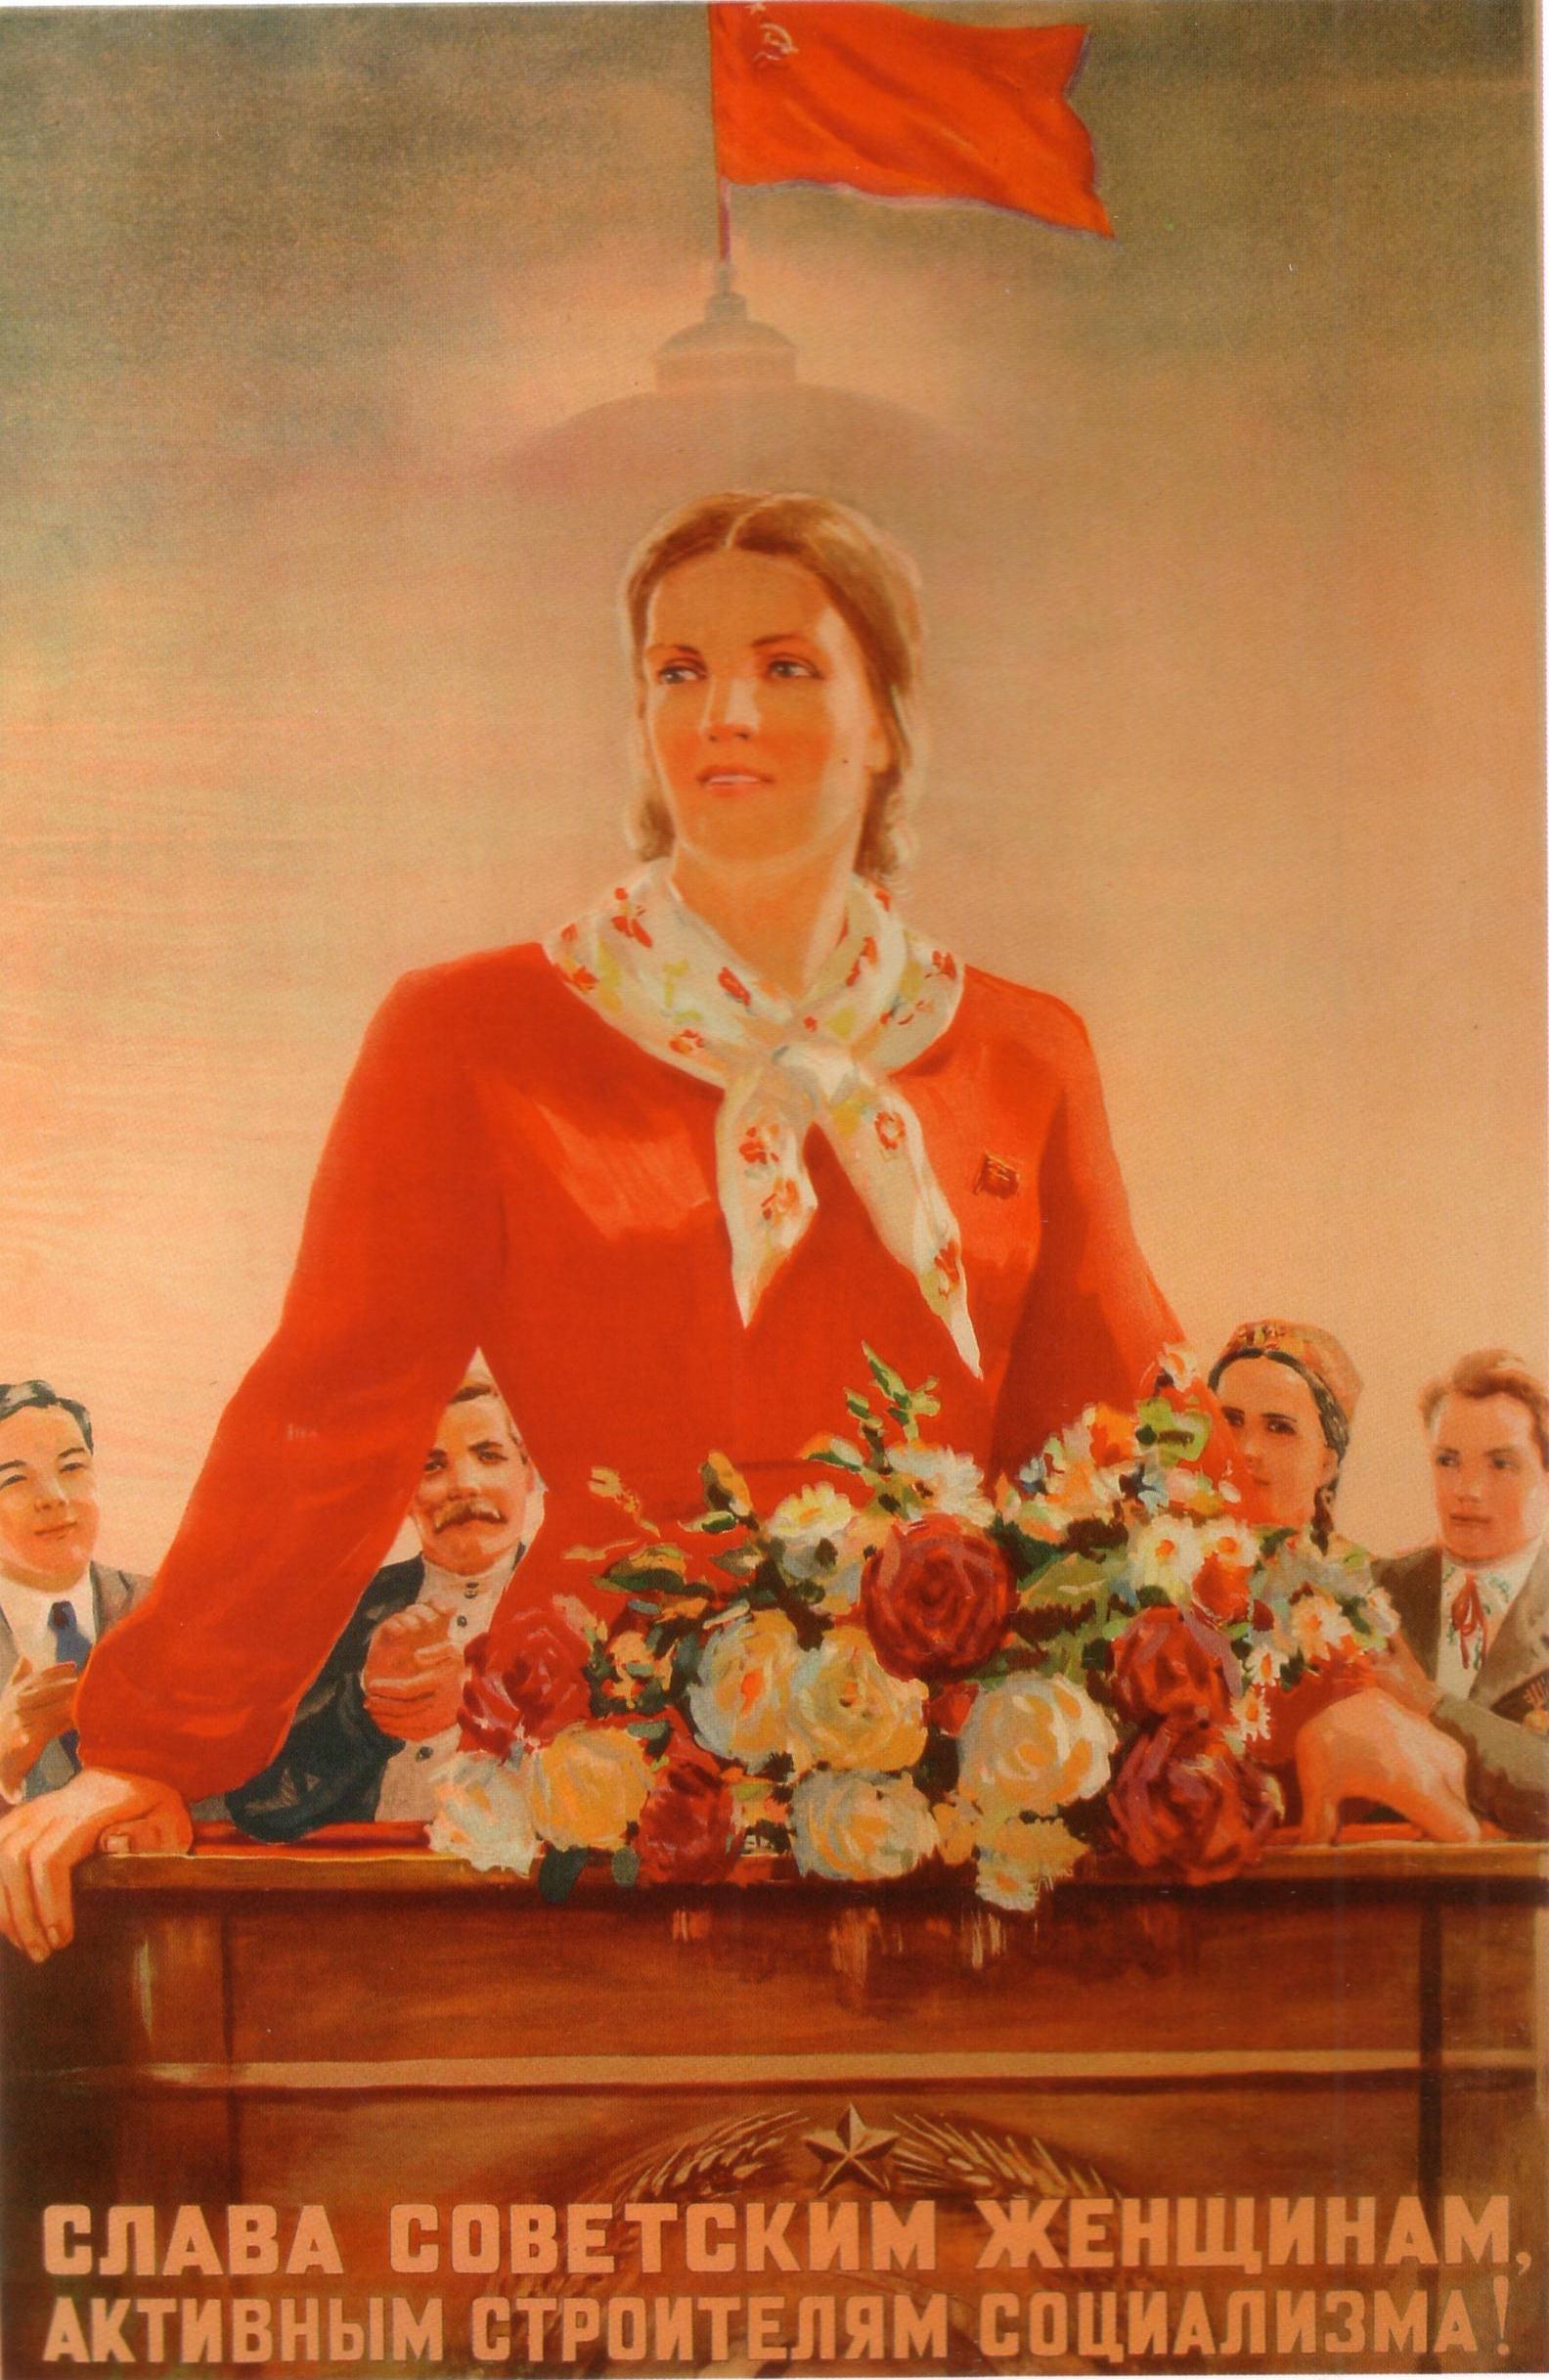 Слава советским женщинам, активным строителям социализма! Автор: П. Голуб Год: 1947